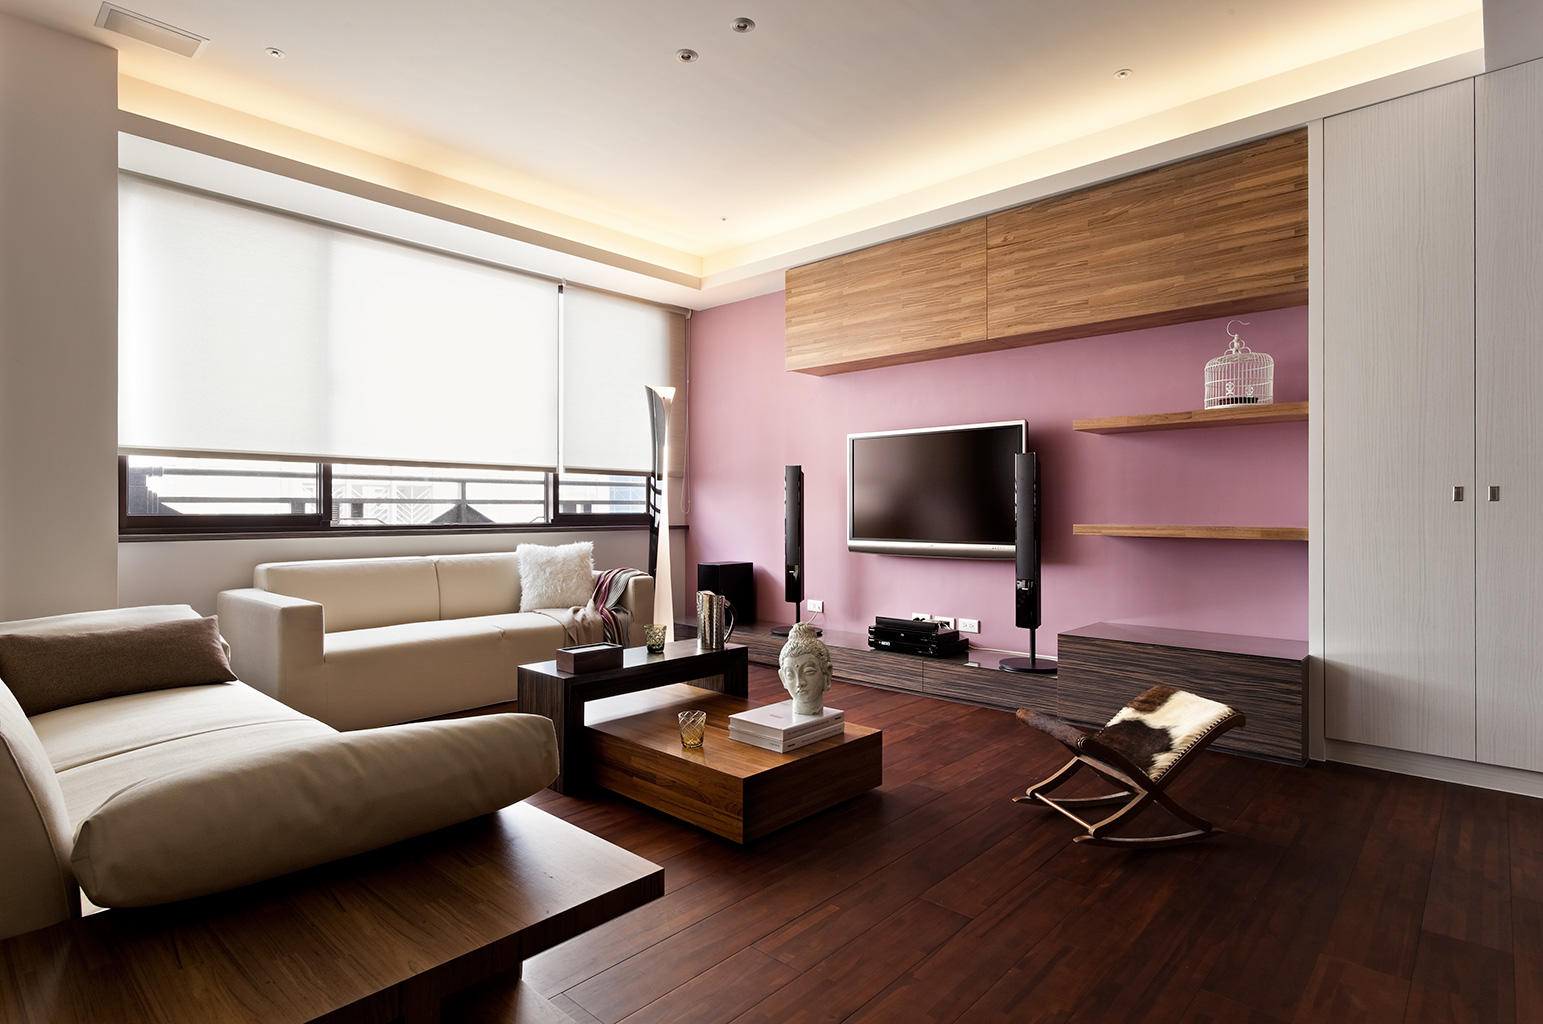 简约现代装修风格两室两厅效果欣赏图